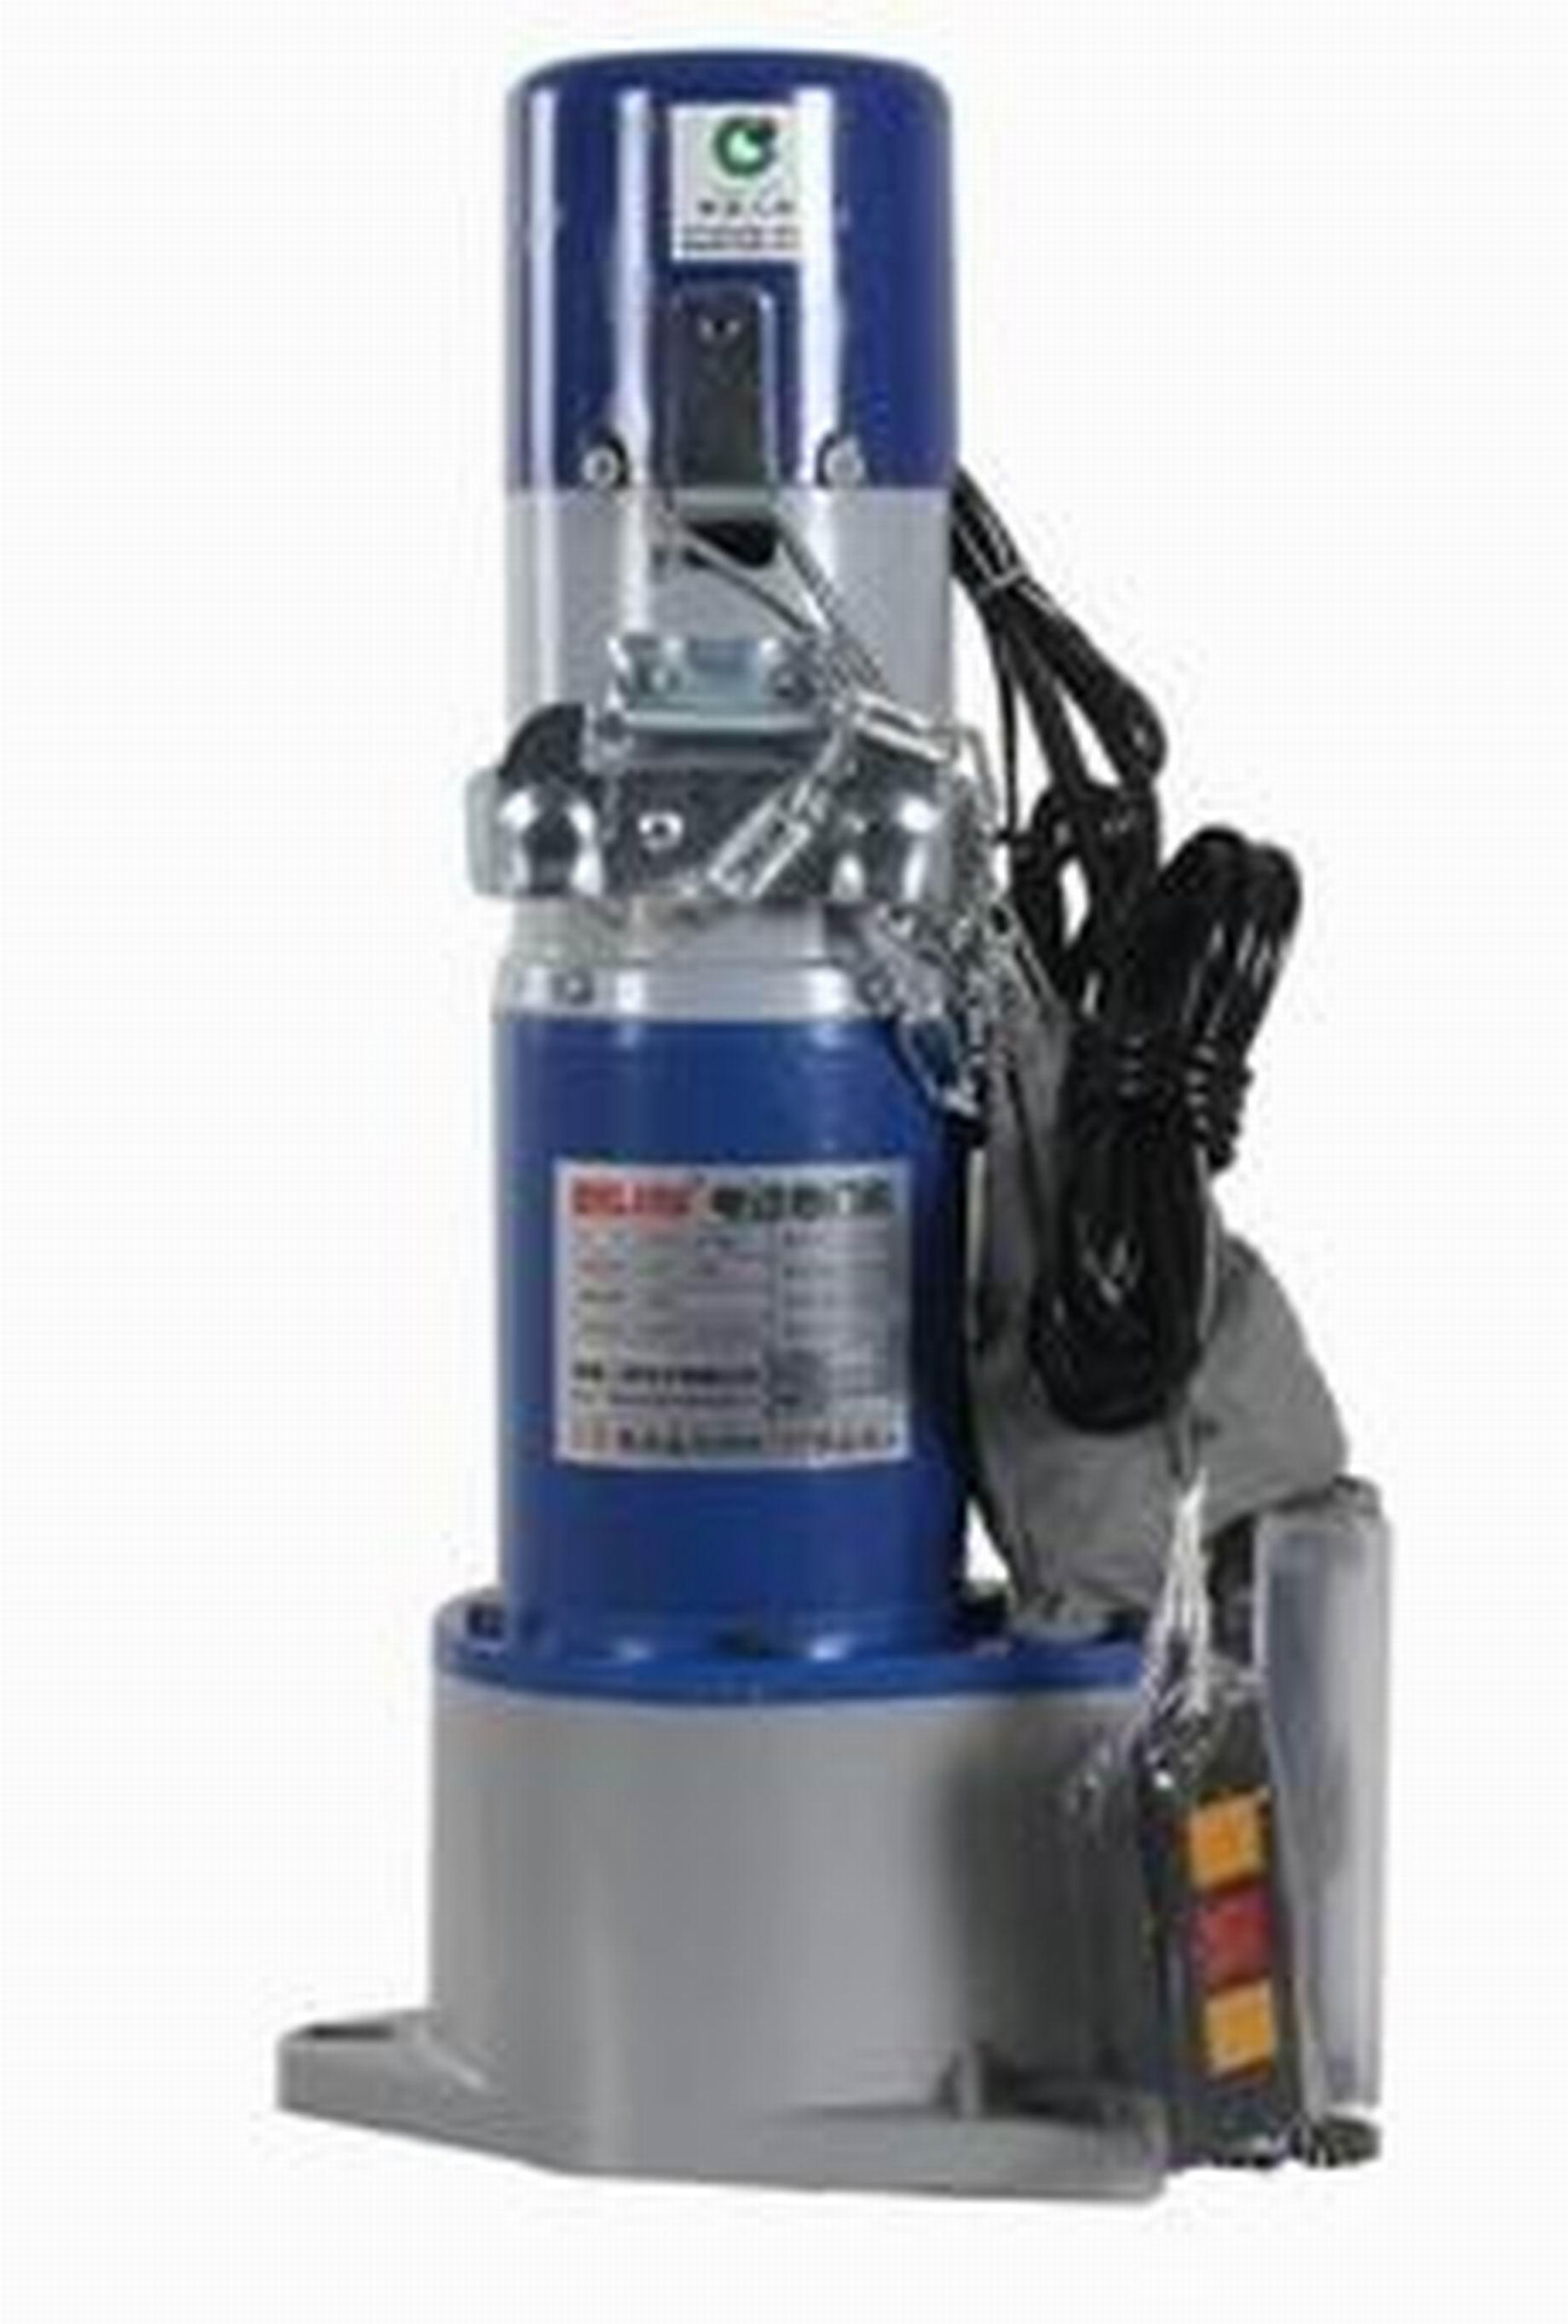 AC1000KG-500W rolling door motor